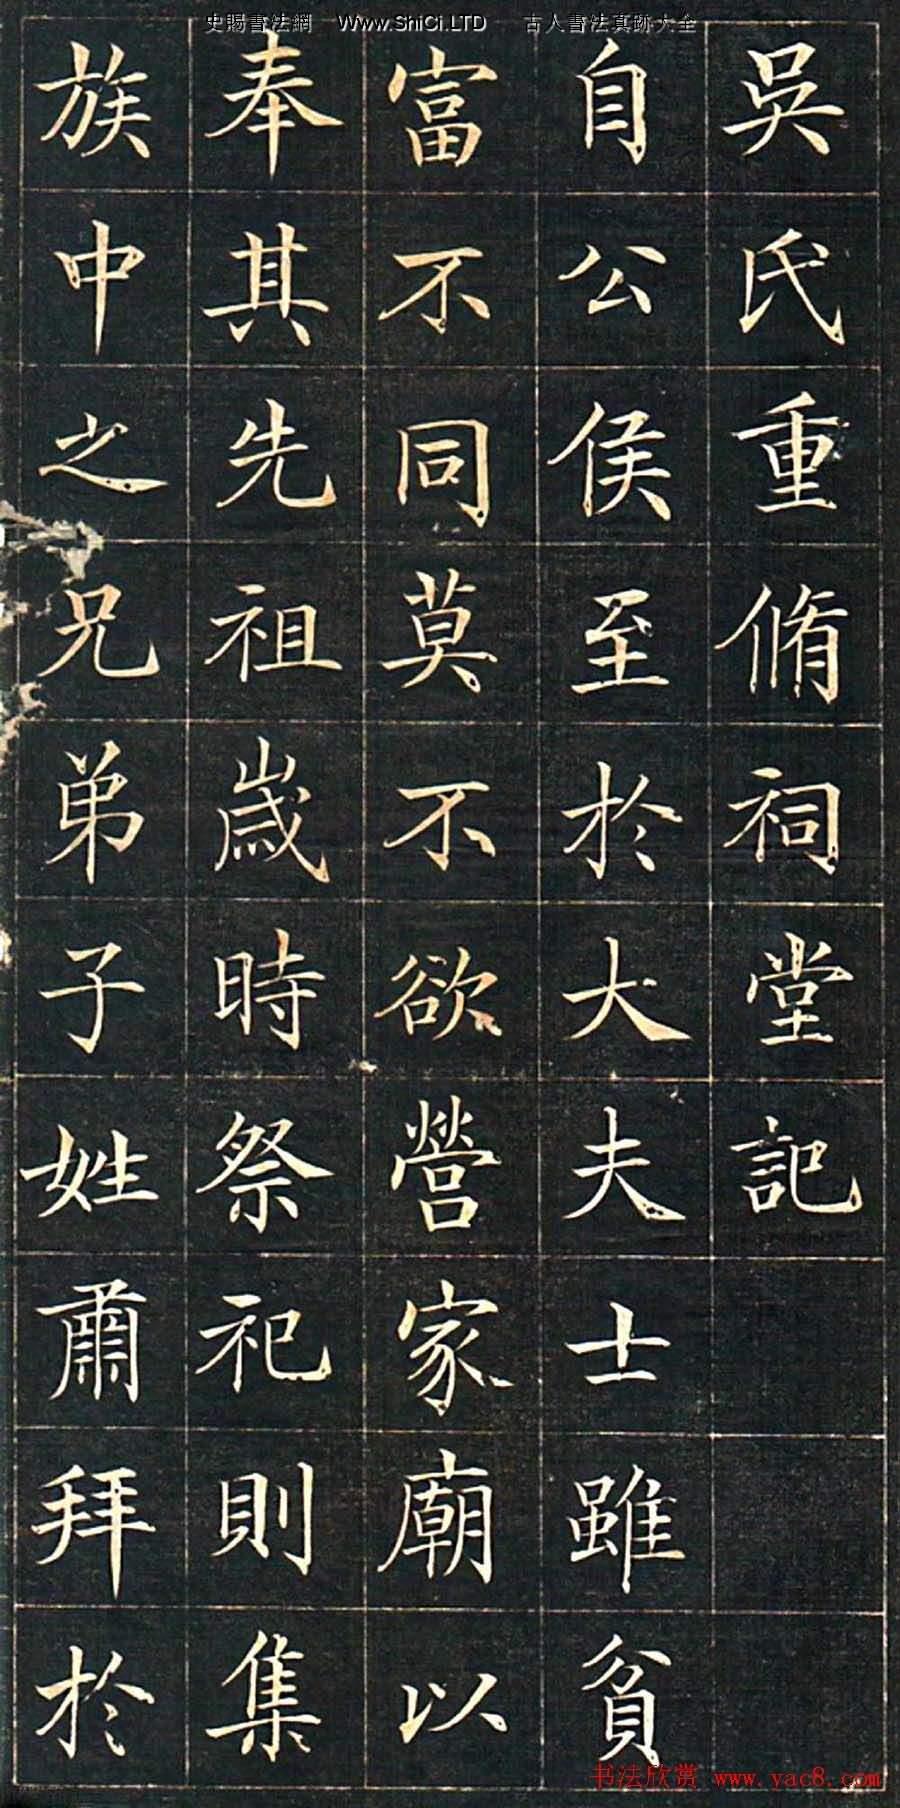 徐元禮楷書字帖《吳氏重修祠堂記》(共7張圖片)